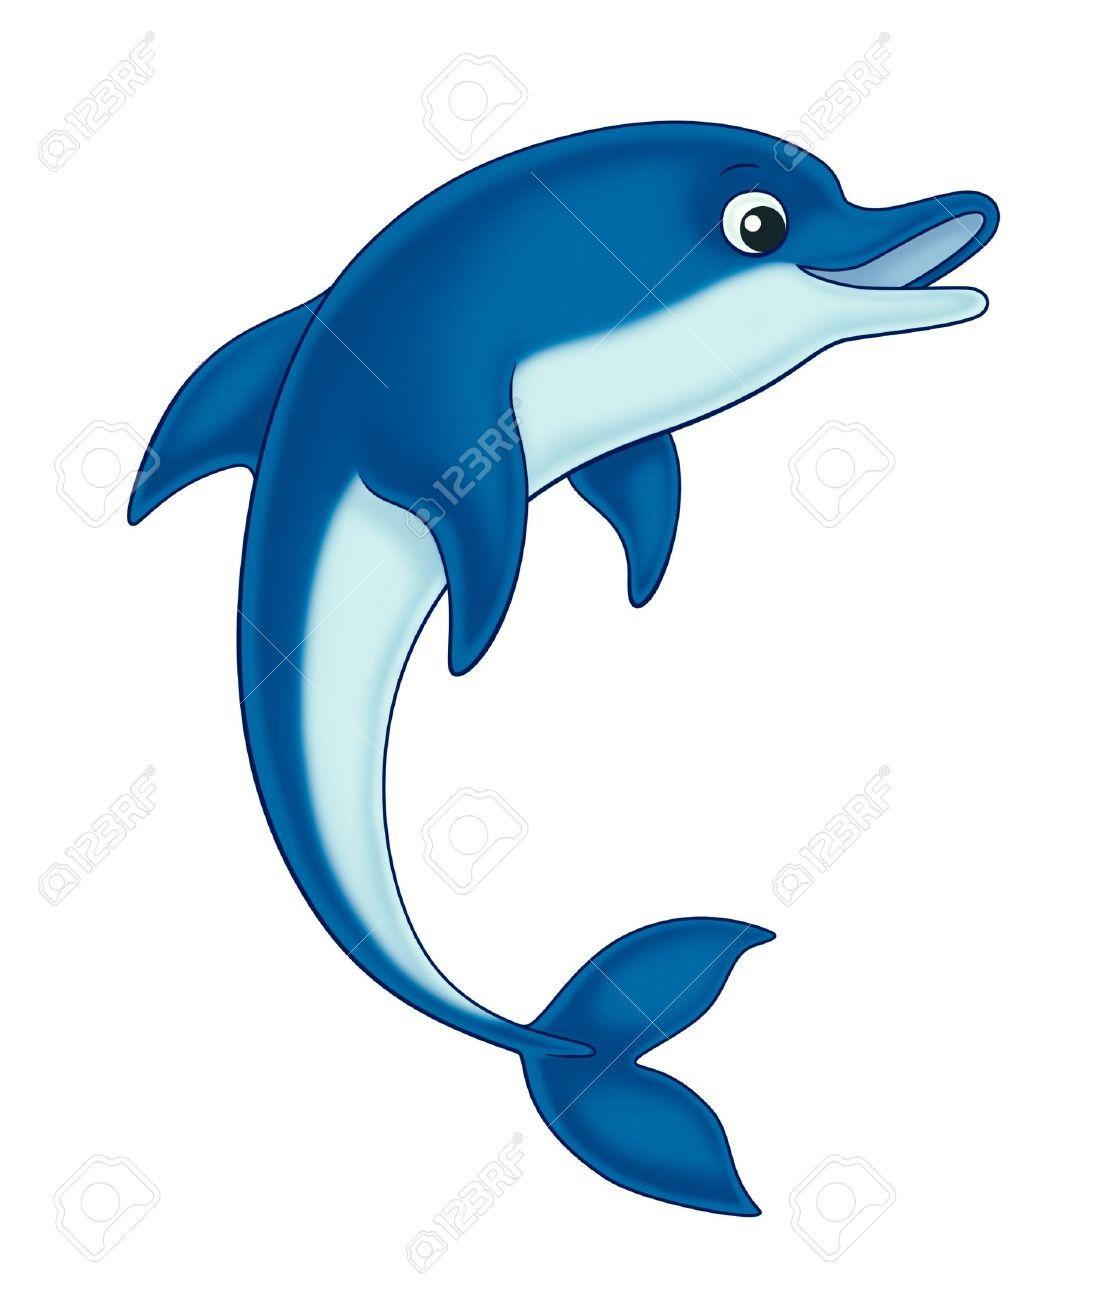 dolphin Stock Photo - 10416688